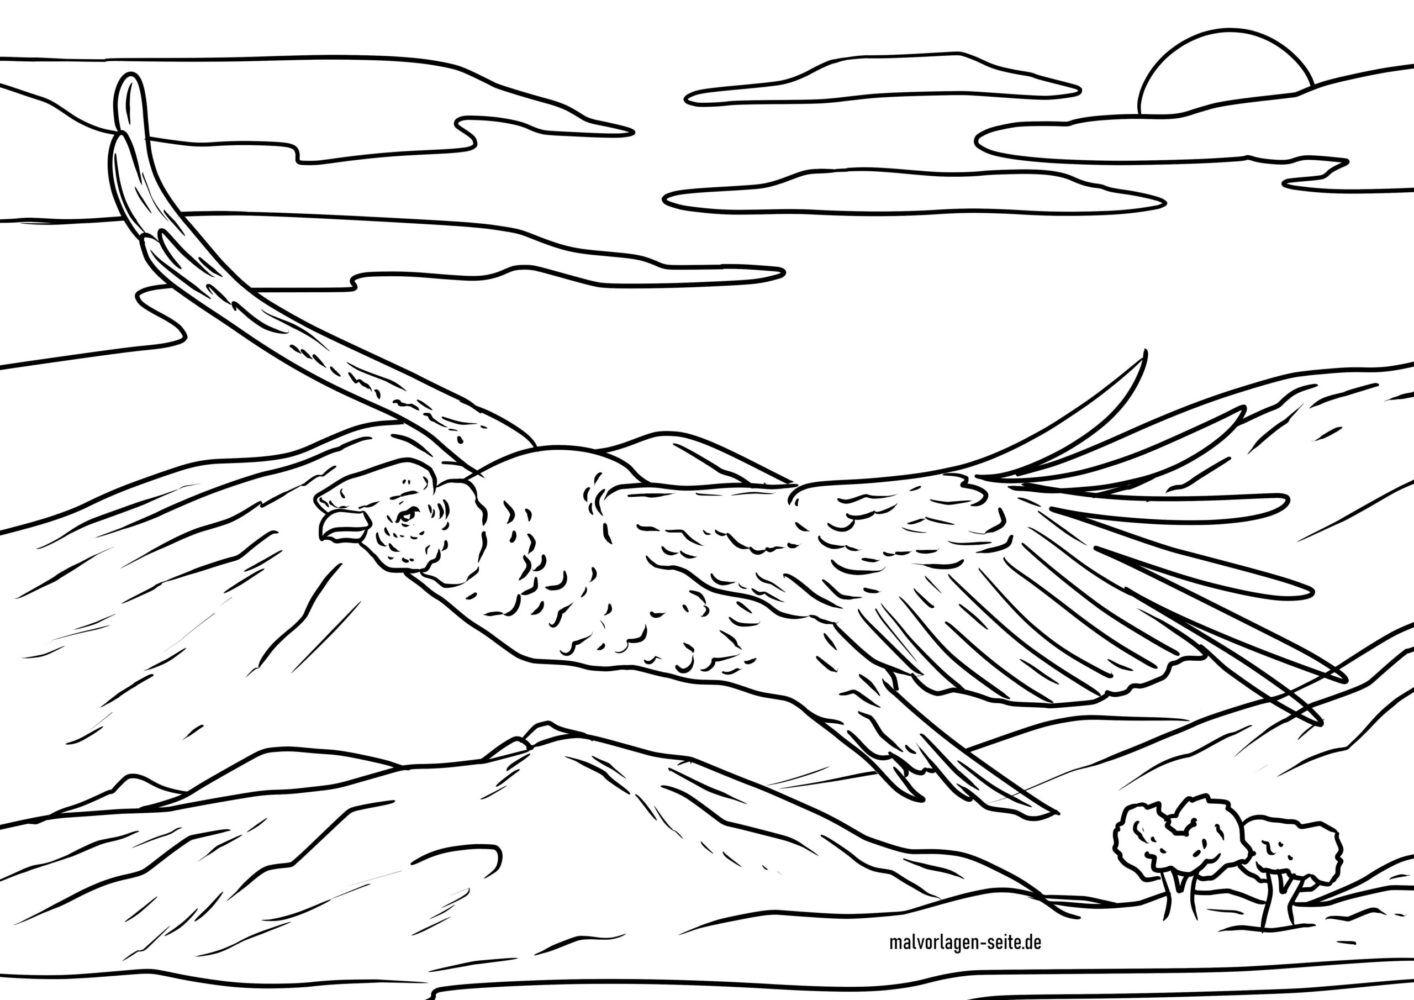 Värityskuva condor